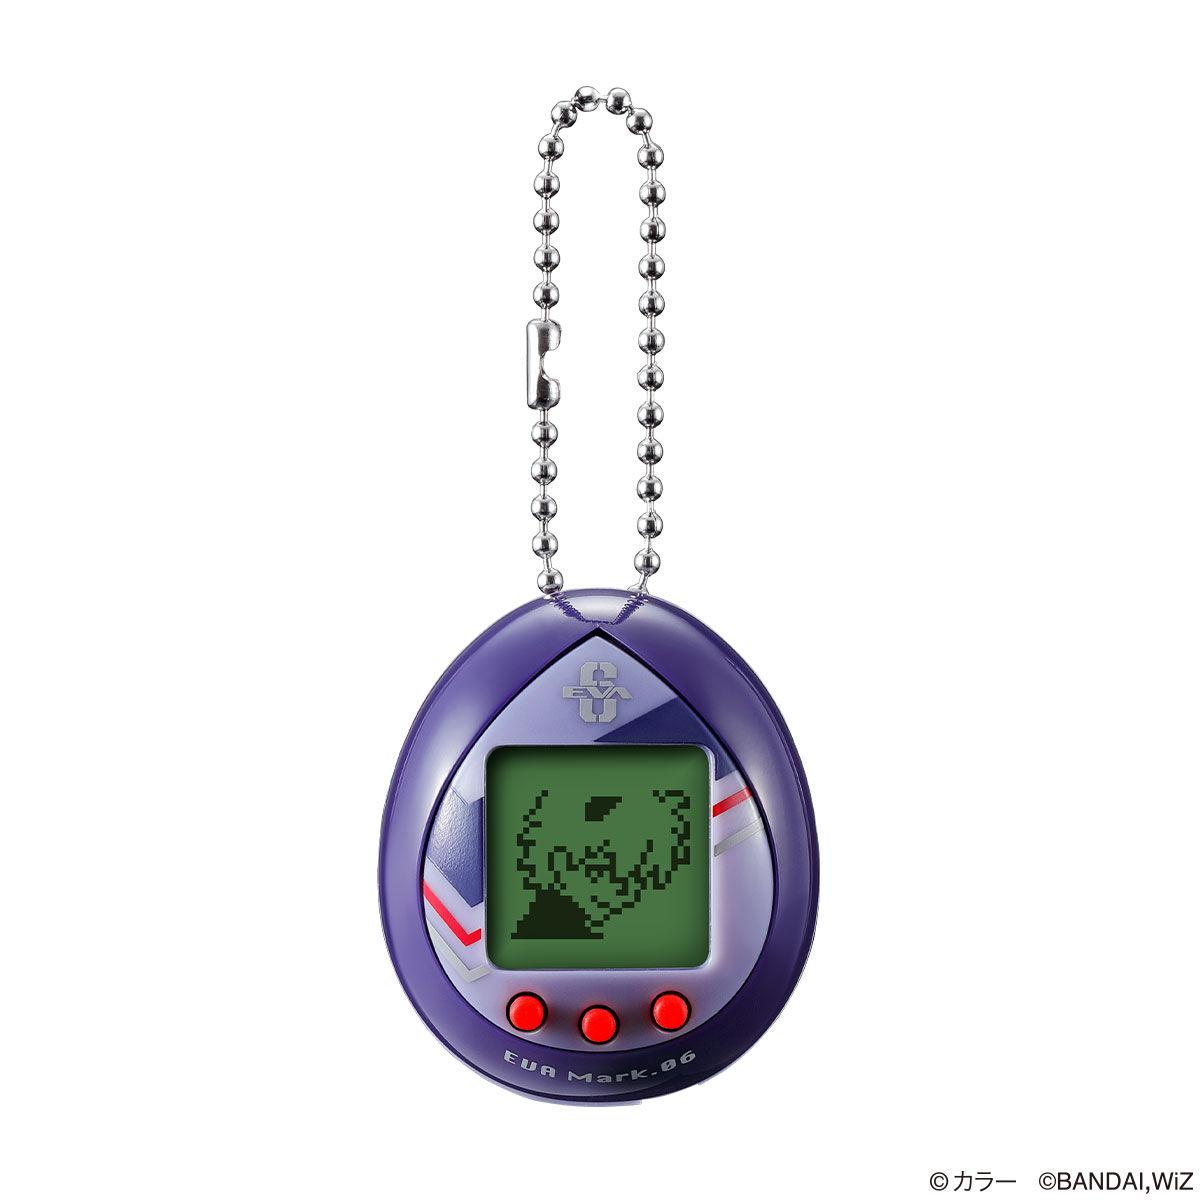 汎用卵型決戦兵器 エヴァっち カヲルモデル